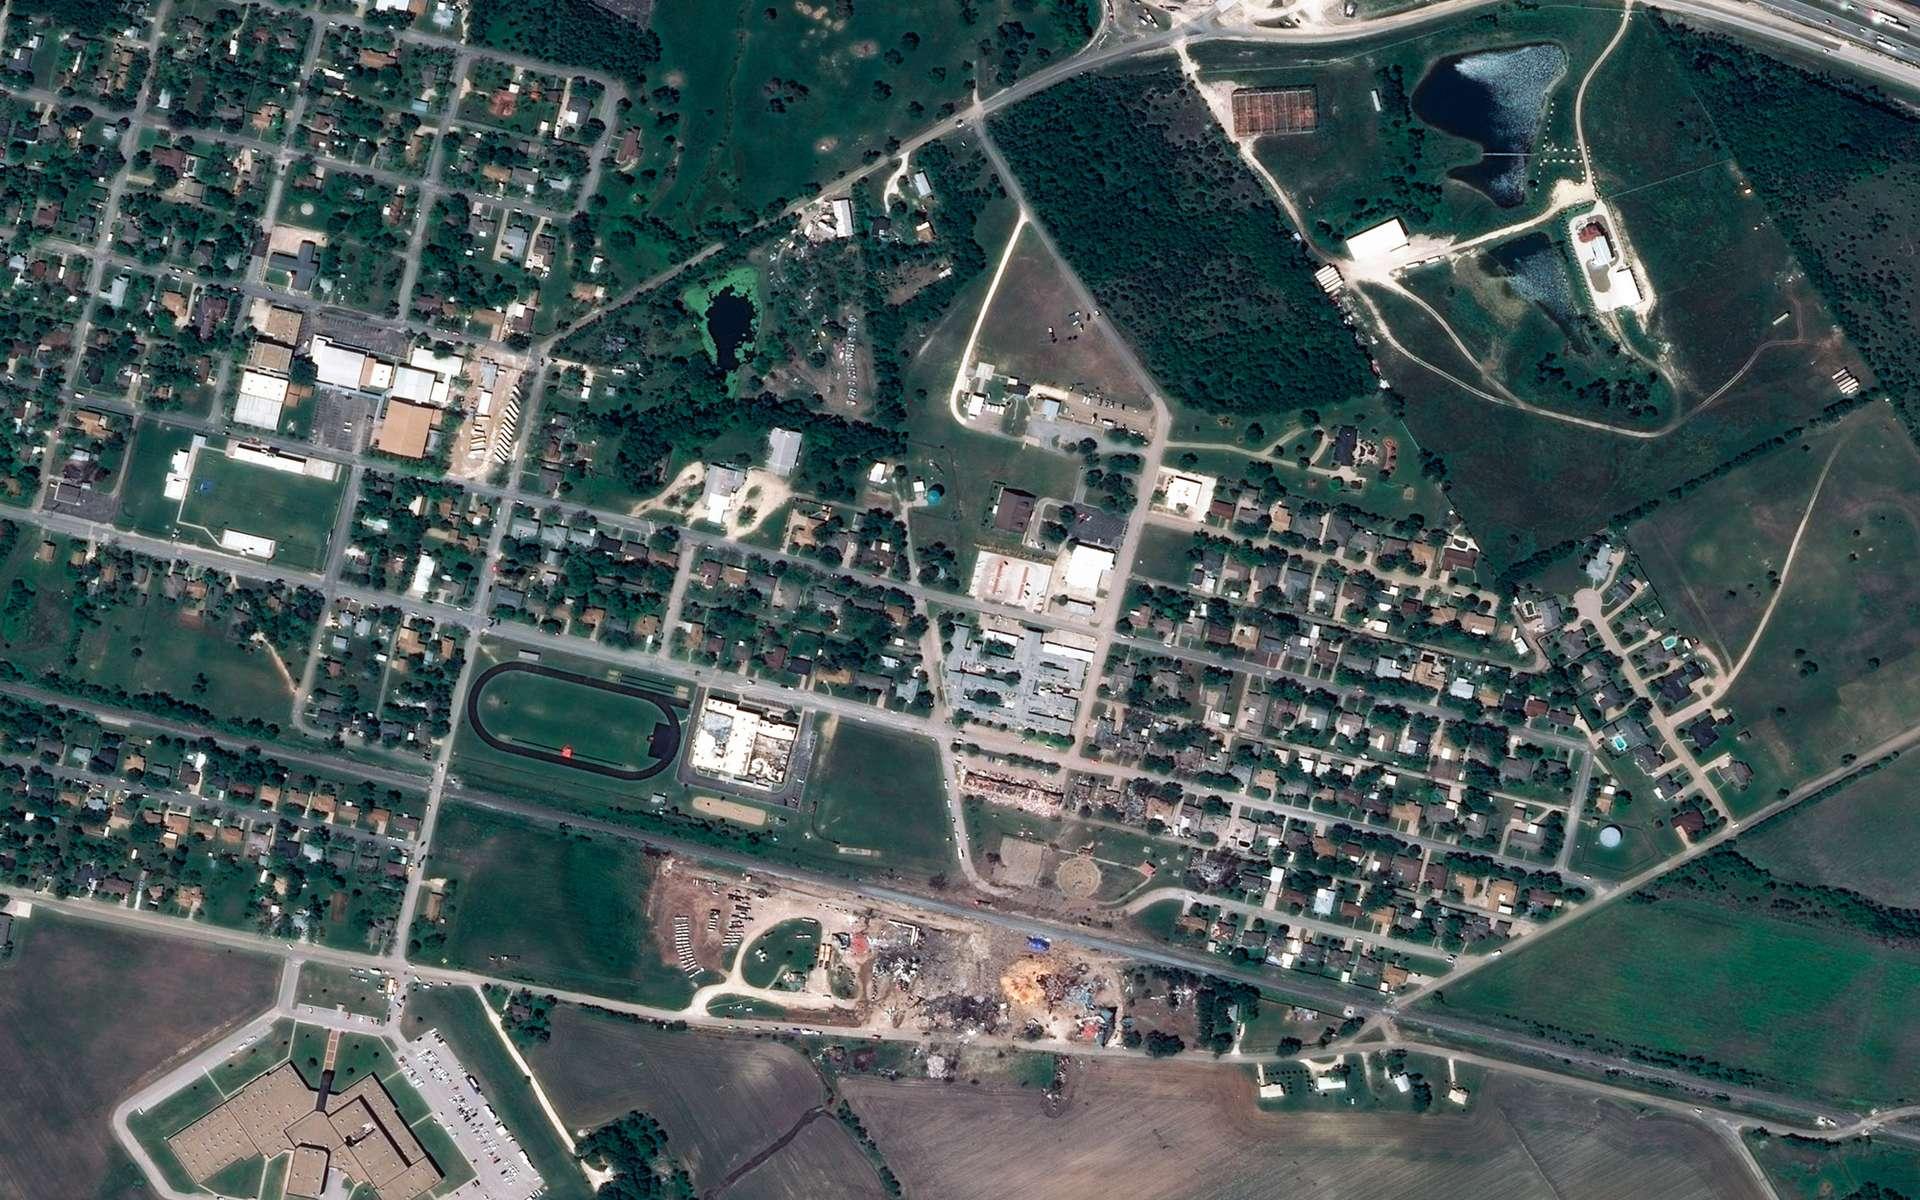 Cette image a été acquise par l'un des deux satellites de la constellation Pléiades, le 22 avril, soit cinq jours après l'explosion de l'usine de West Fertilizer. Elle offre une résolution de 50 centimètres. © Cnes, Astrium Services, Spot Image, 2013